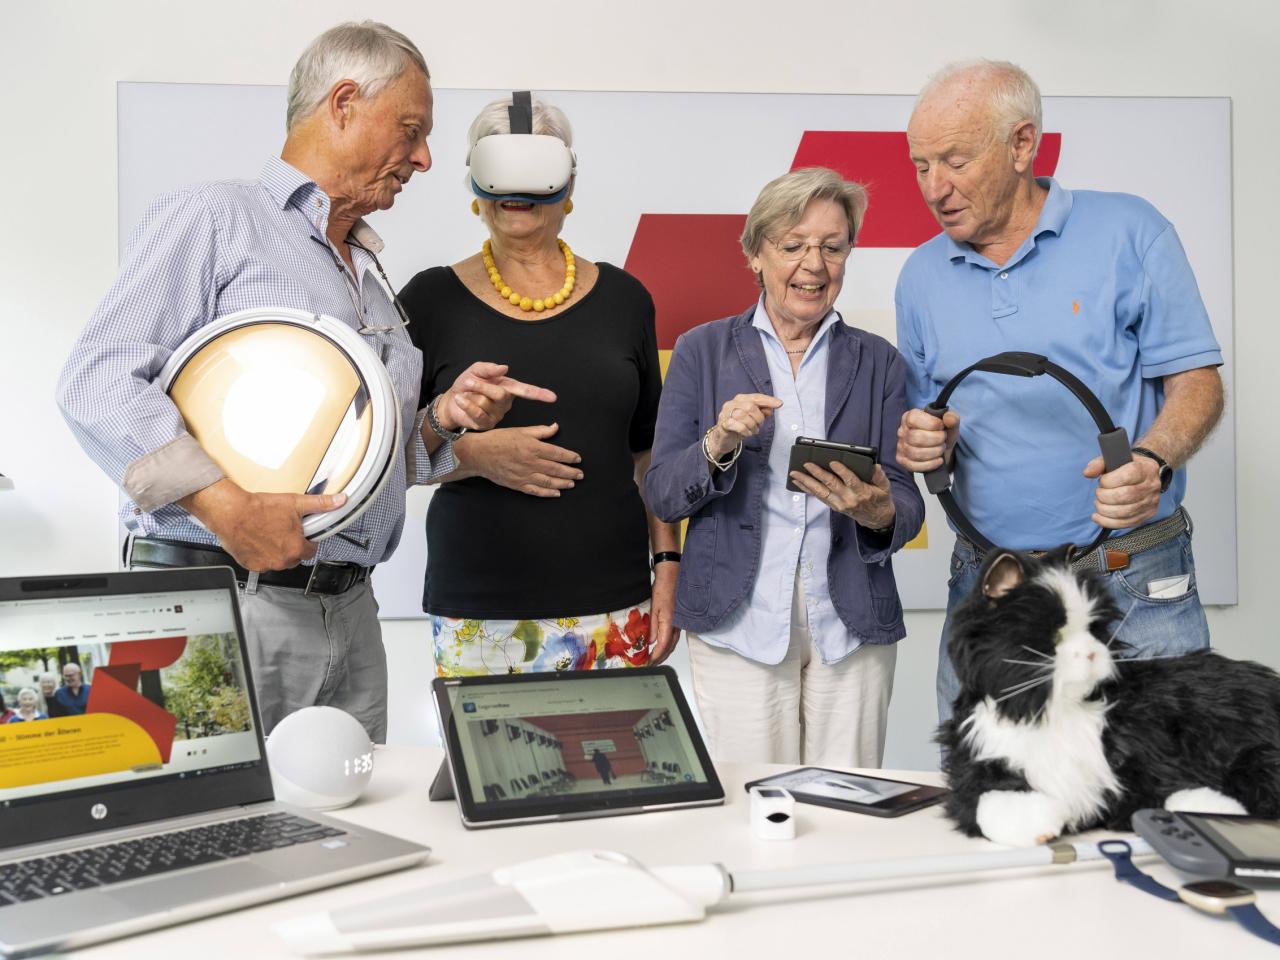 Vier ältere Menschen testen verschiedene digitale Geräte